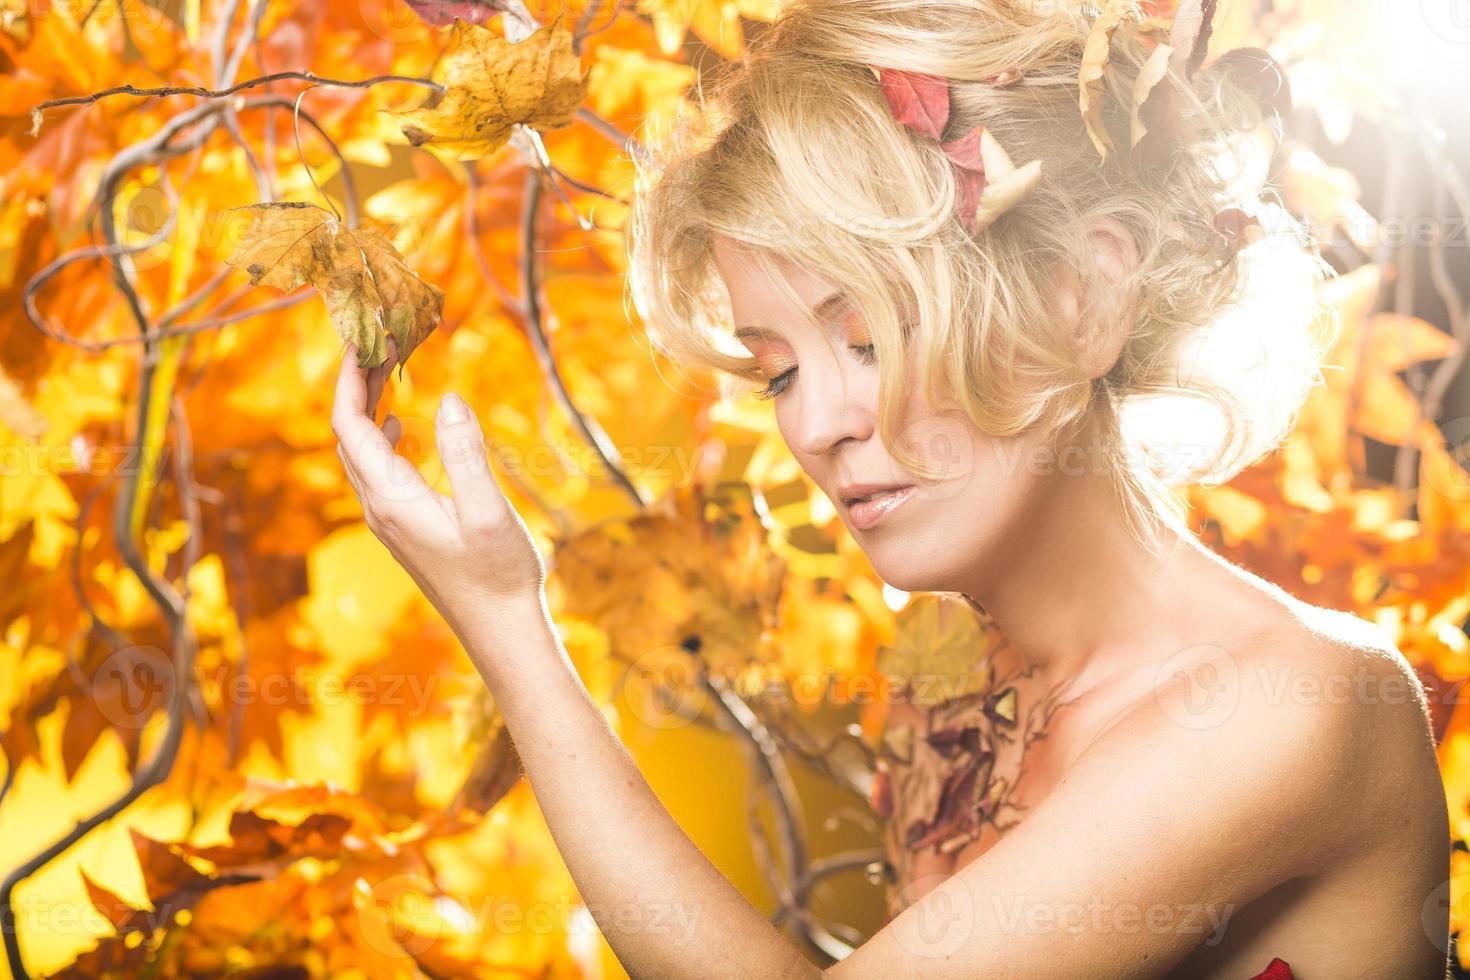 ritratto di ragazza bionda autunno oro magico in foglie foto